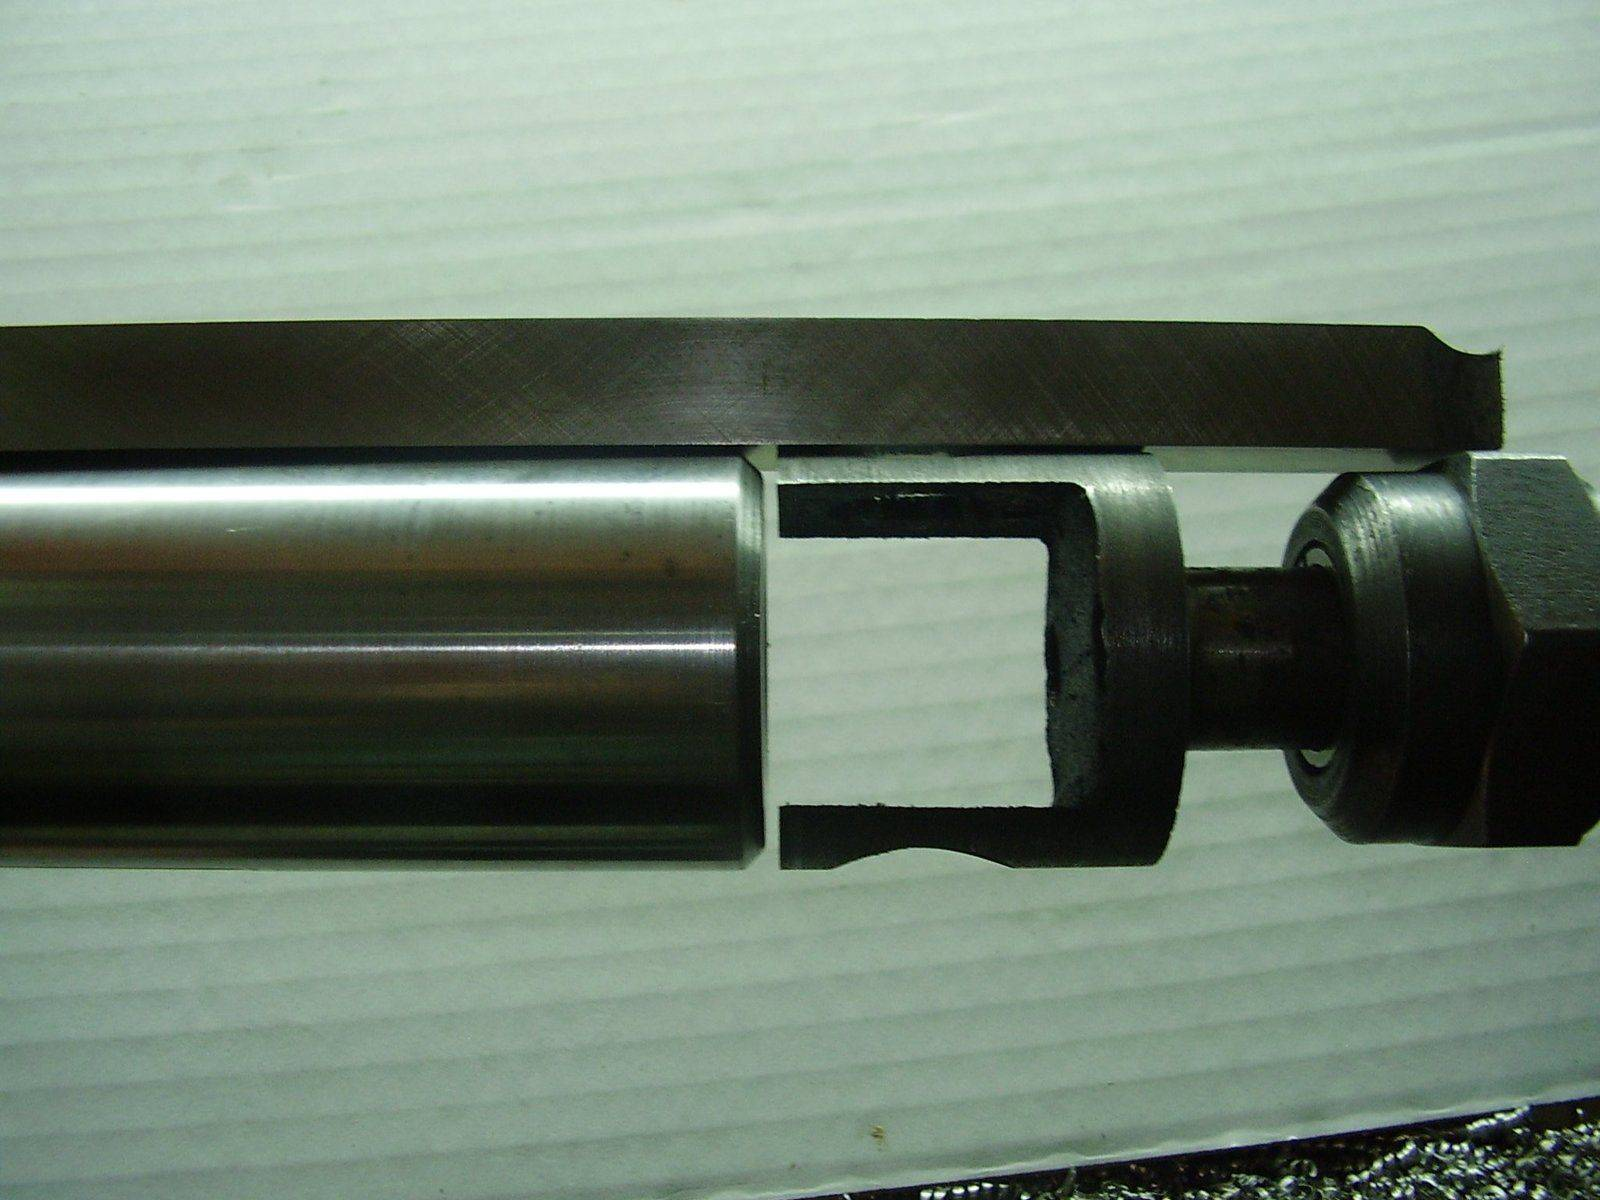 PB280145.JPG